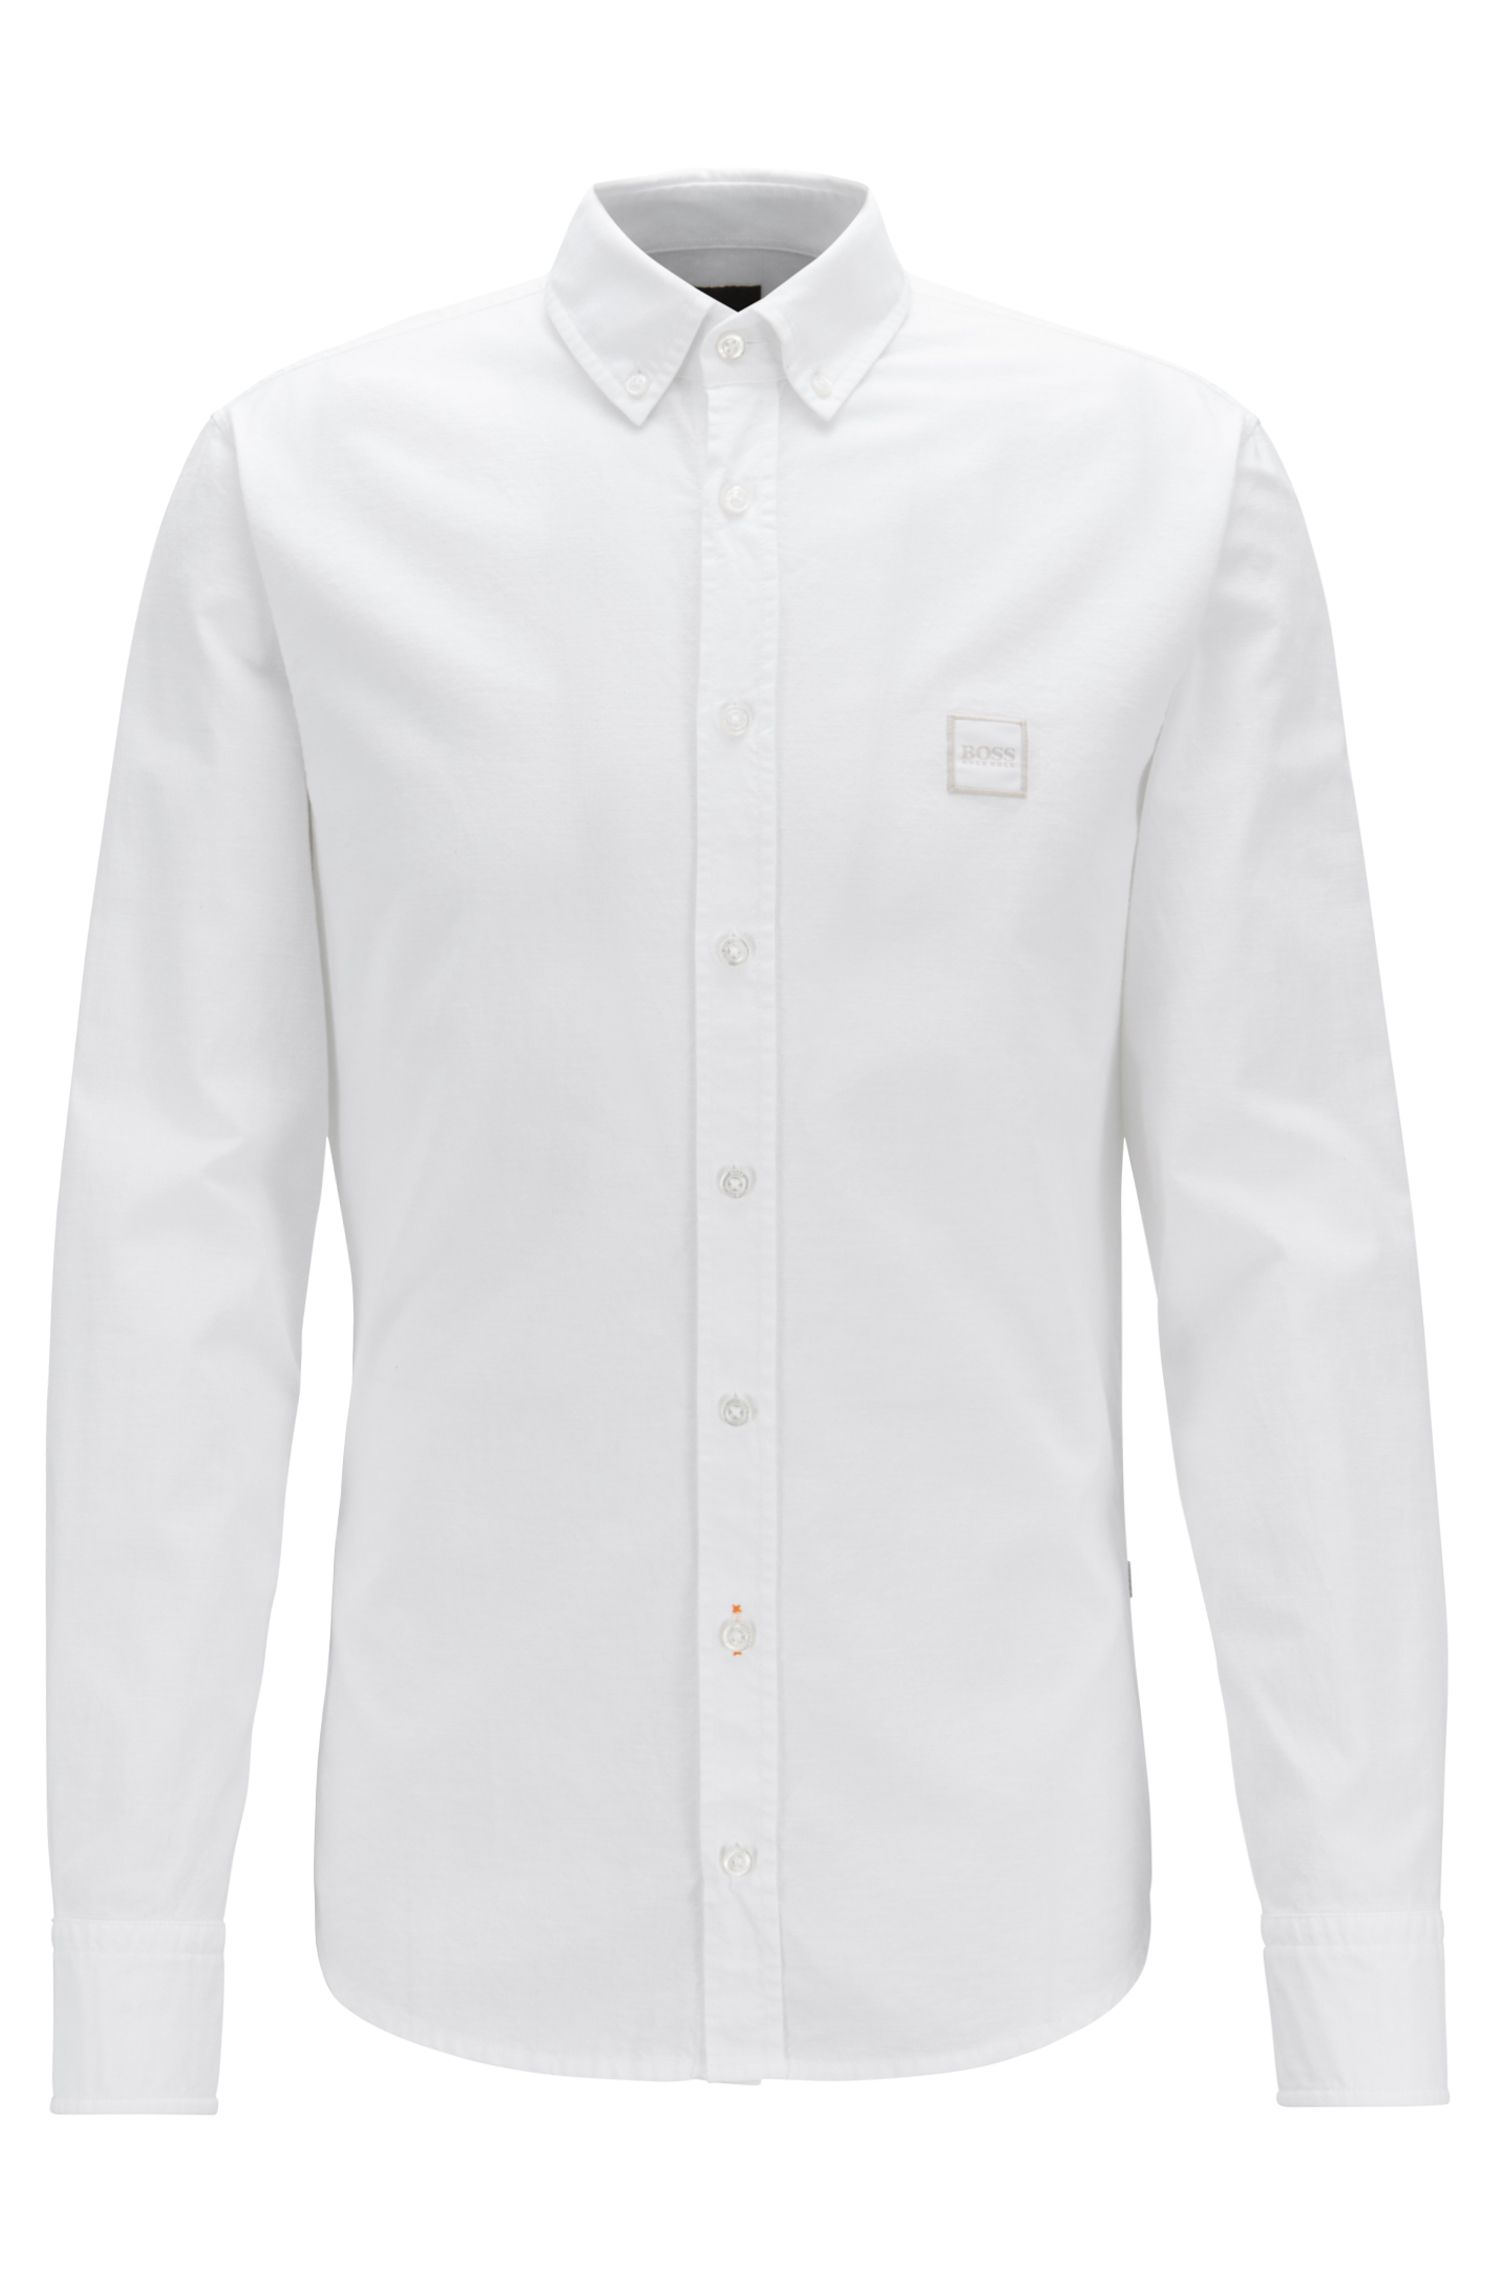 Camicia slim fit con colletto button-down in cotone manopesca, Bianco